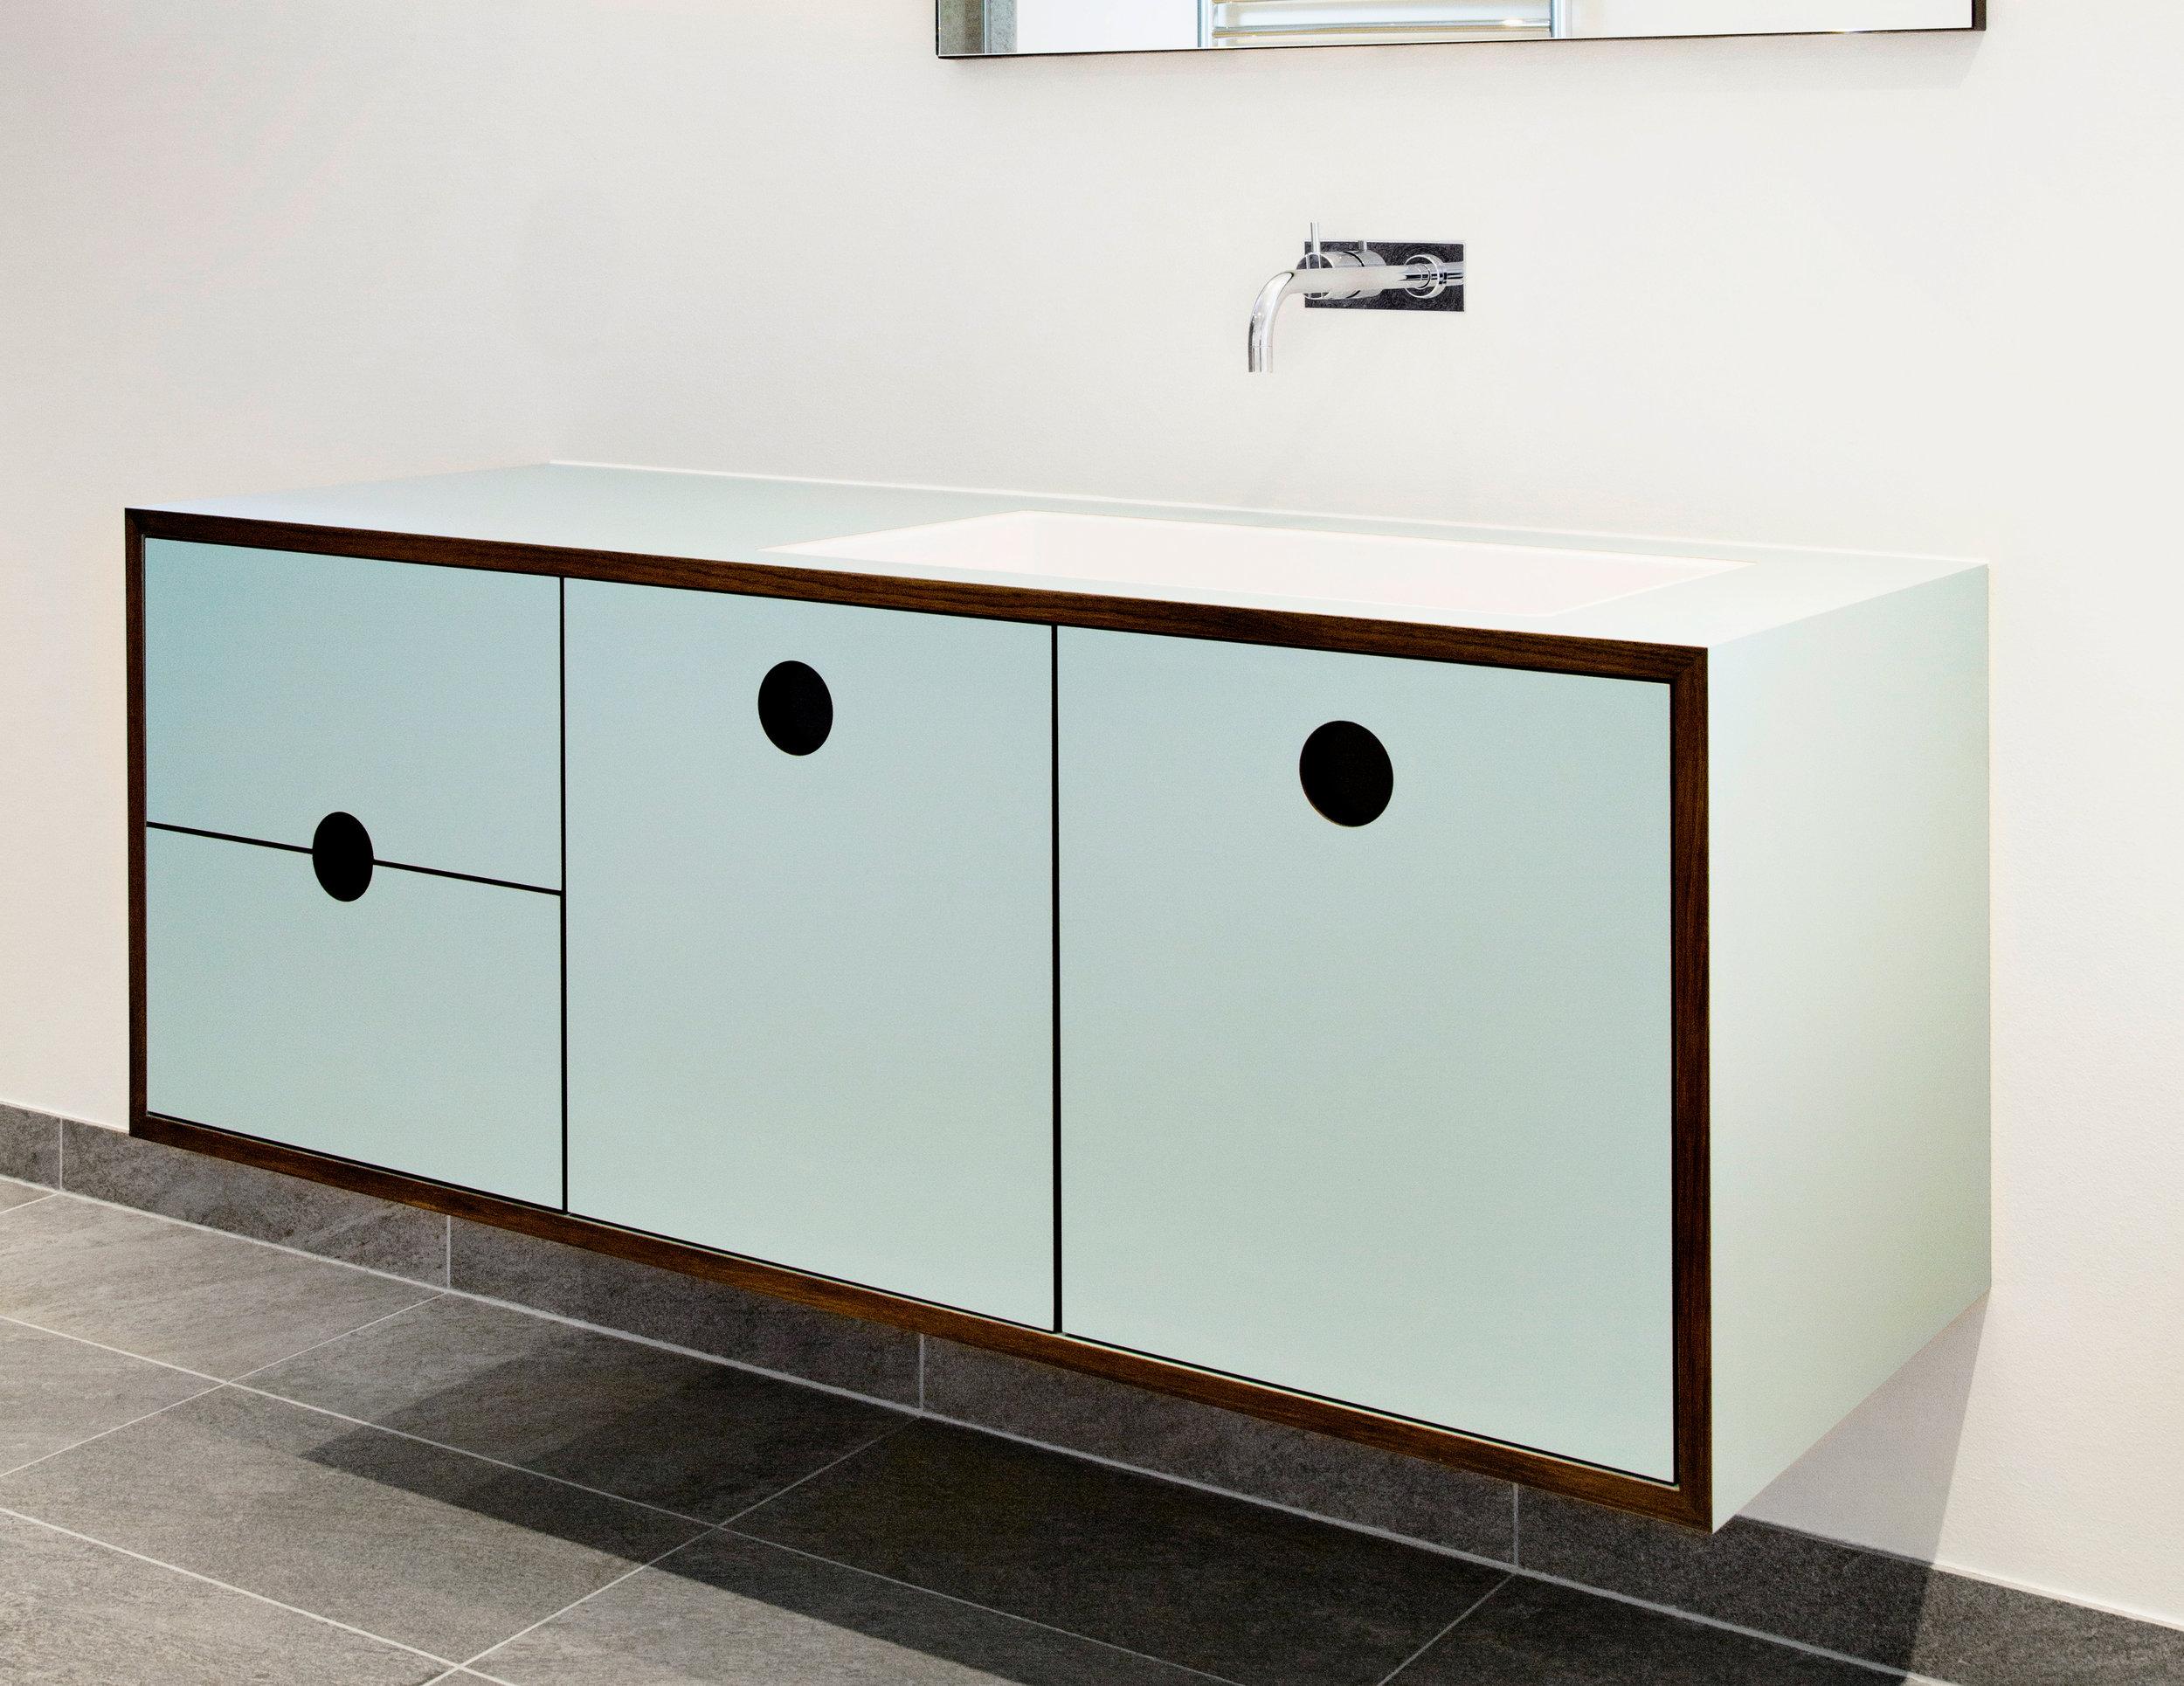 Purecolor Cph Square bath 01 .jpg